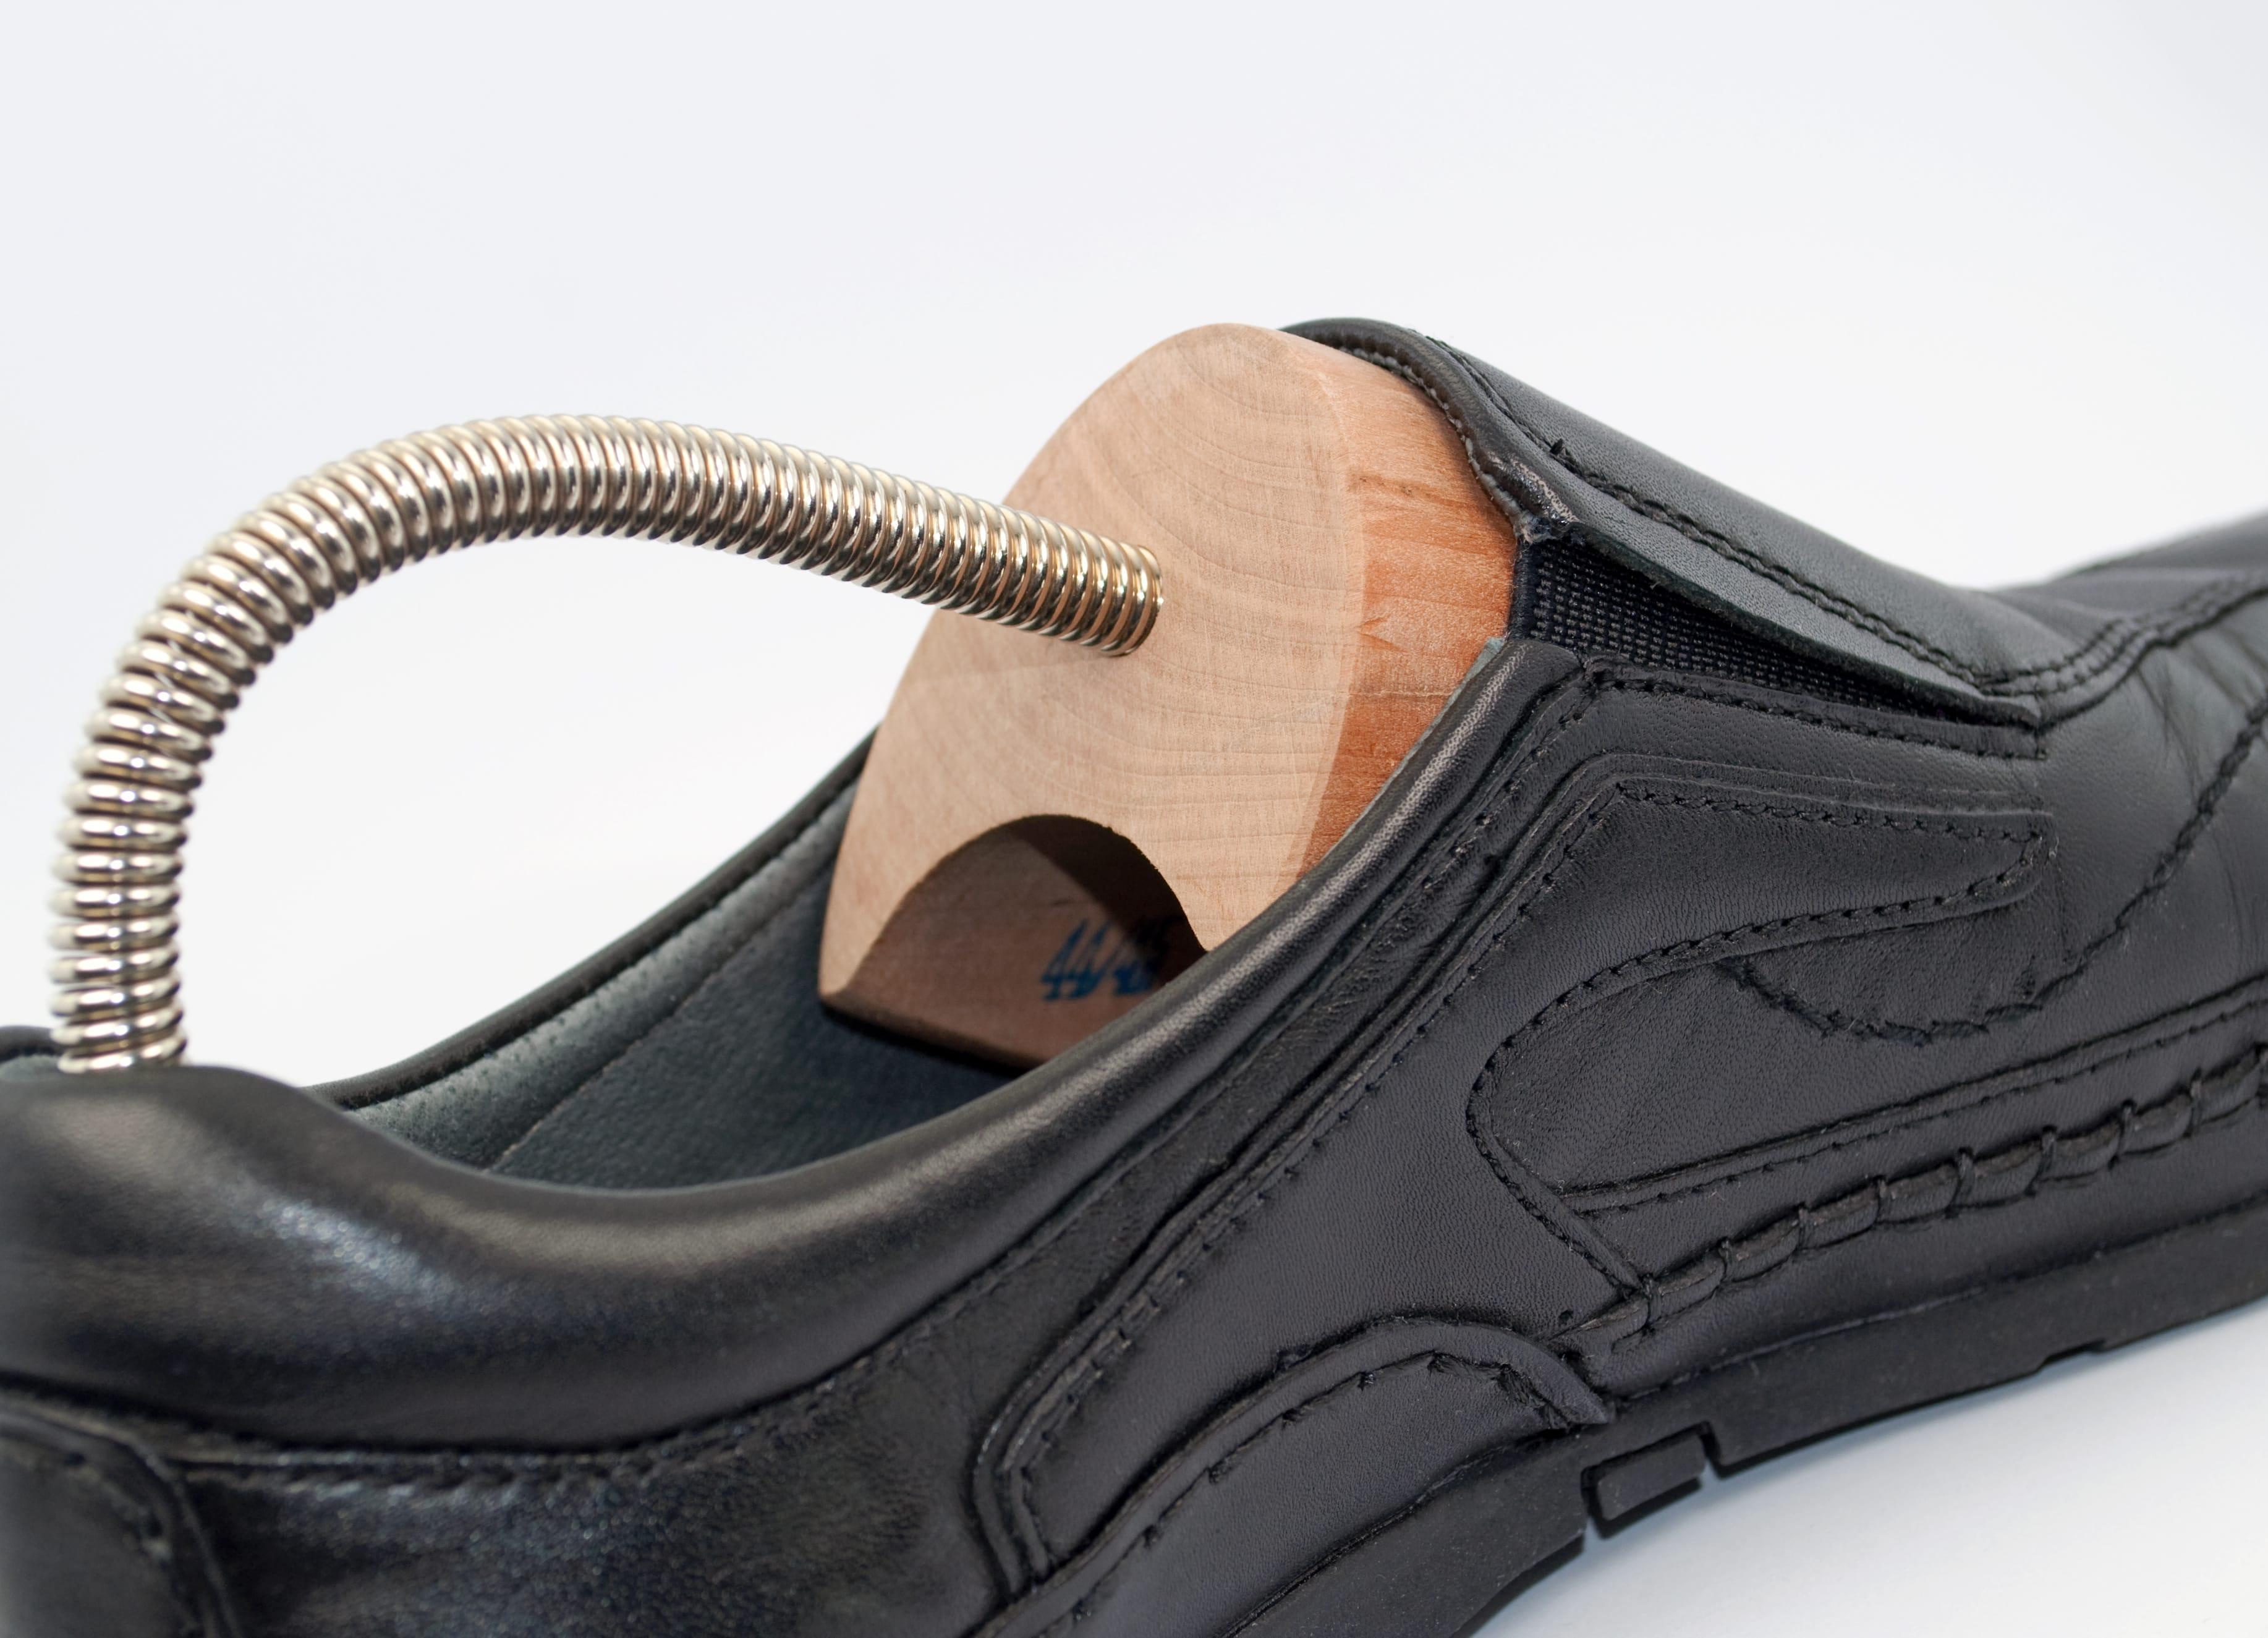 Schuhspanner selbst machen – So geht's!